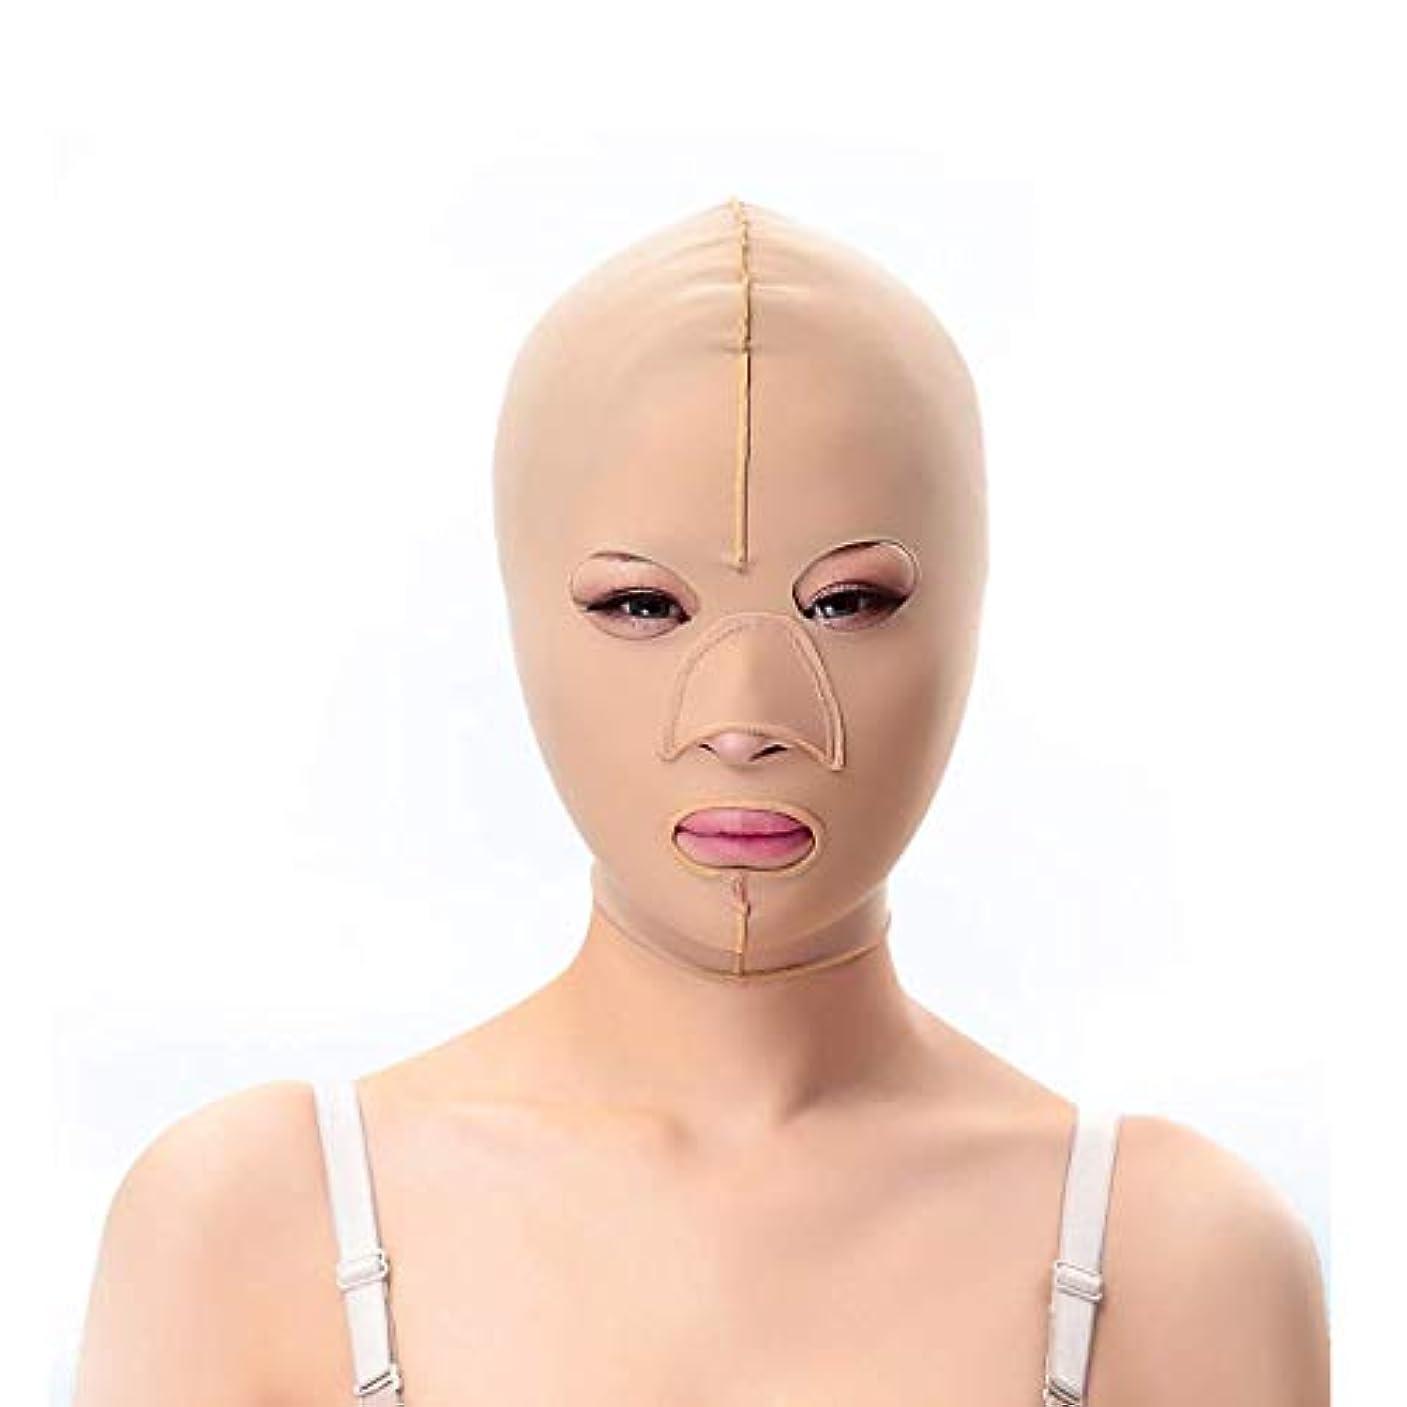 優先弱点繊毛スリミングベルト、二重あごの引き締め顔のプラスチックフェイスアーティファクト強力なフェイス包帯を脇に持ち上げるパターンを欺くためのフェイシャルマスクシンフェイスマスク(サイズ:L),ザ?